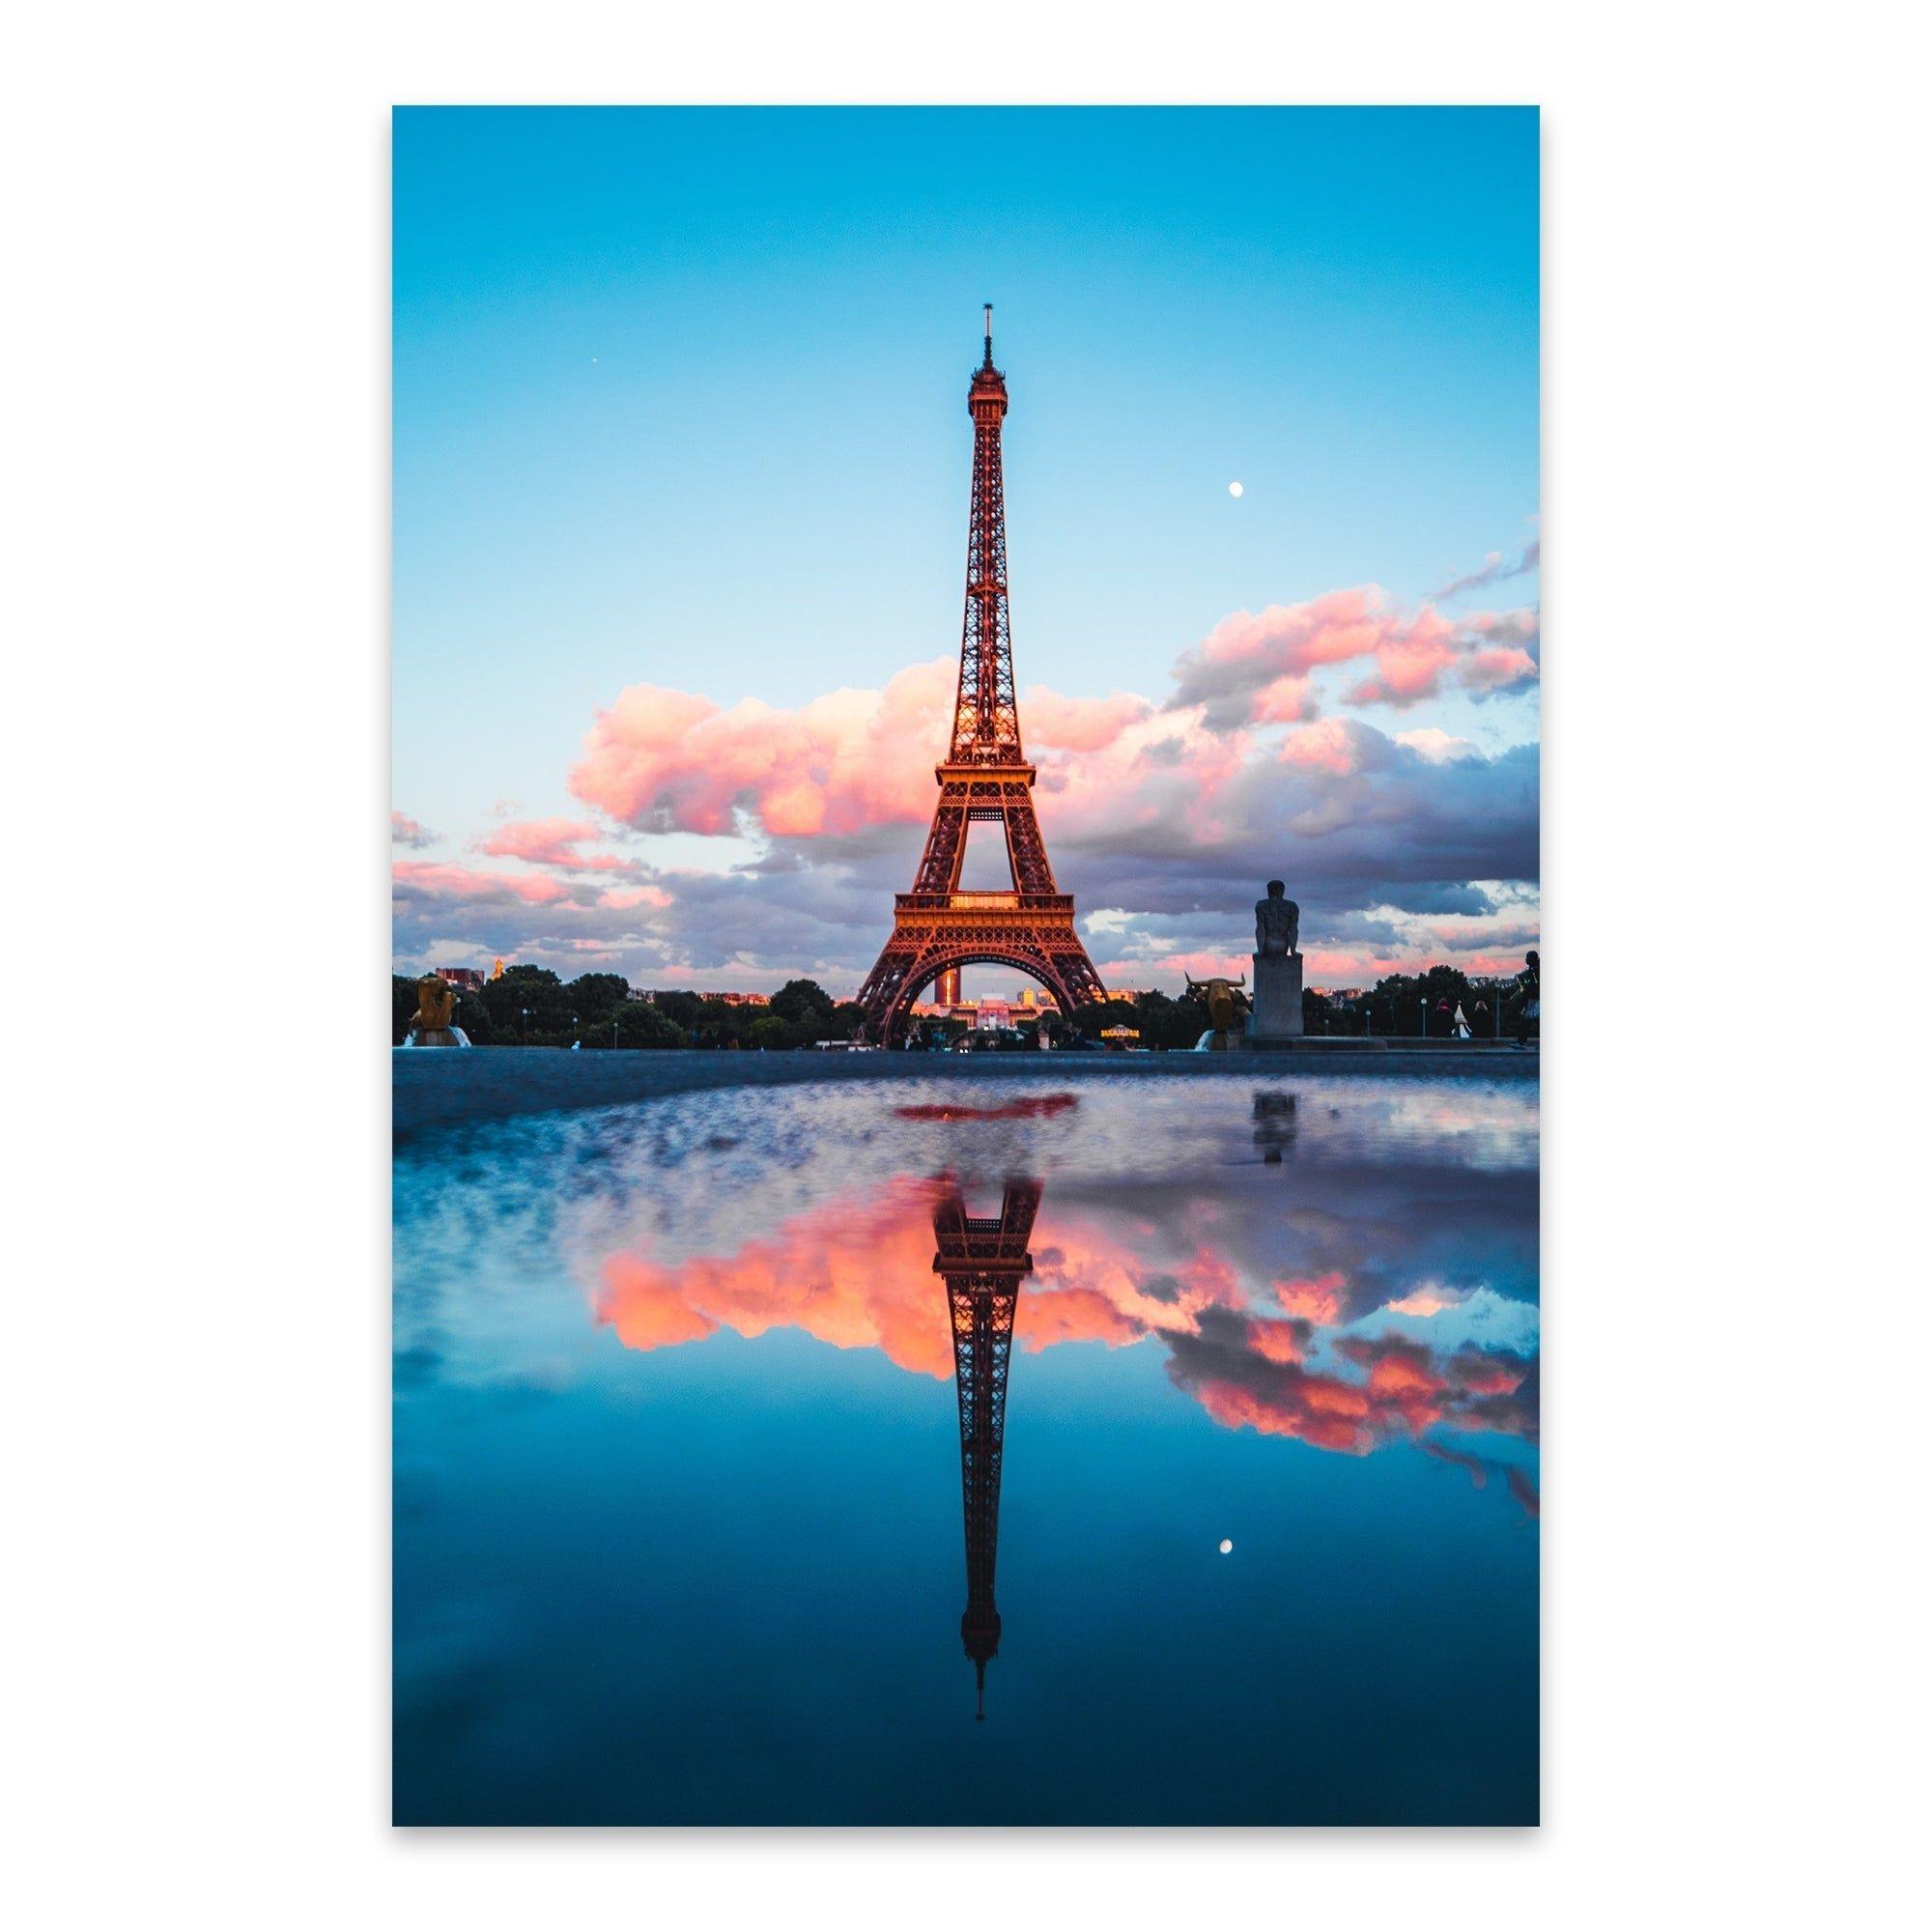 Noir Gallery Paris France Eiffel Tower Photo Metal Wall Art Print | Overstock.com Shopping - The Best Deals on Metal Art